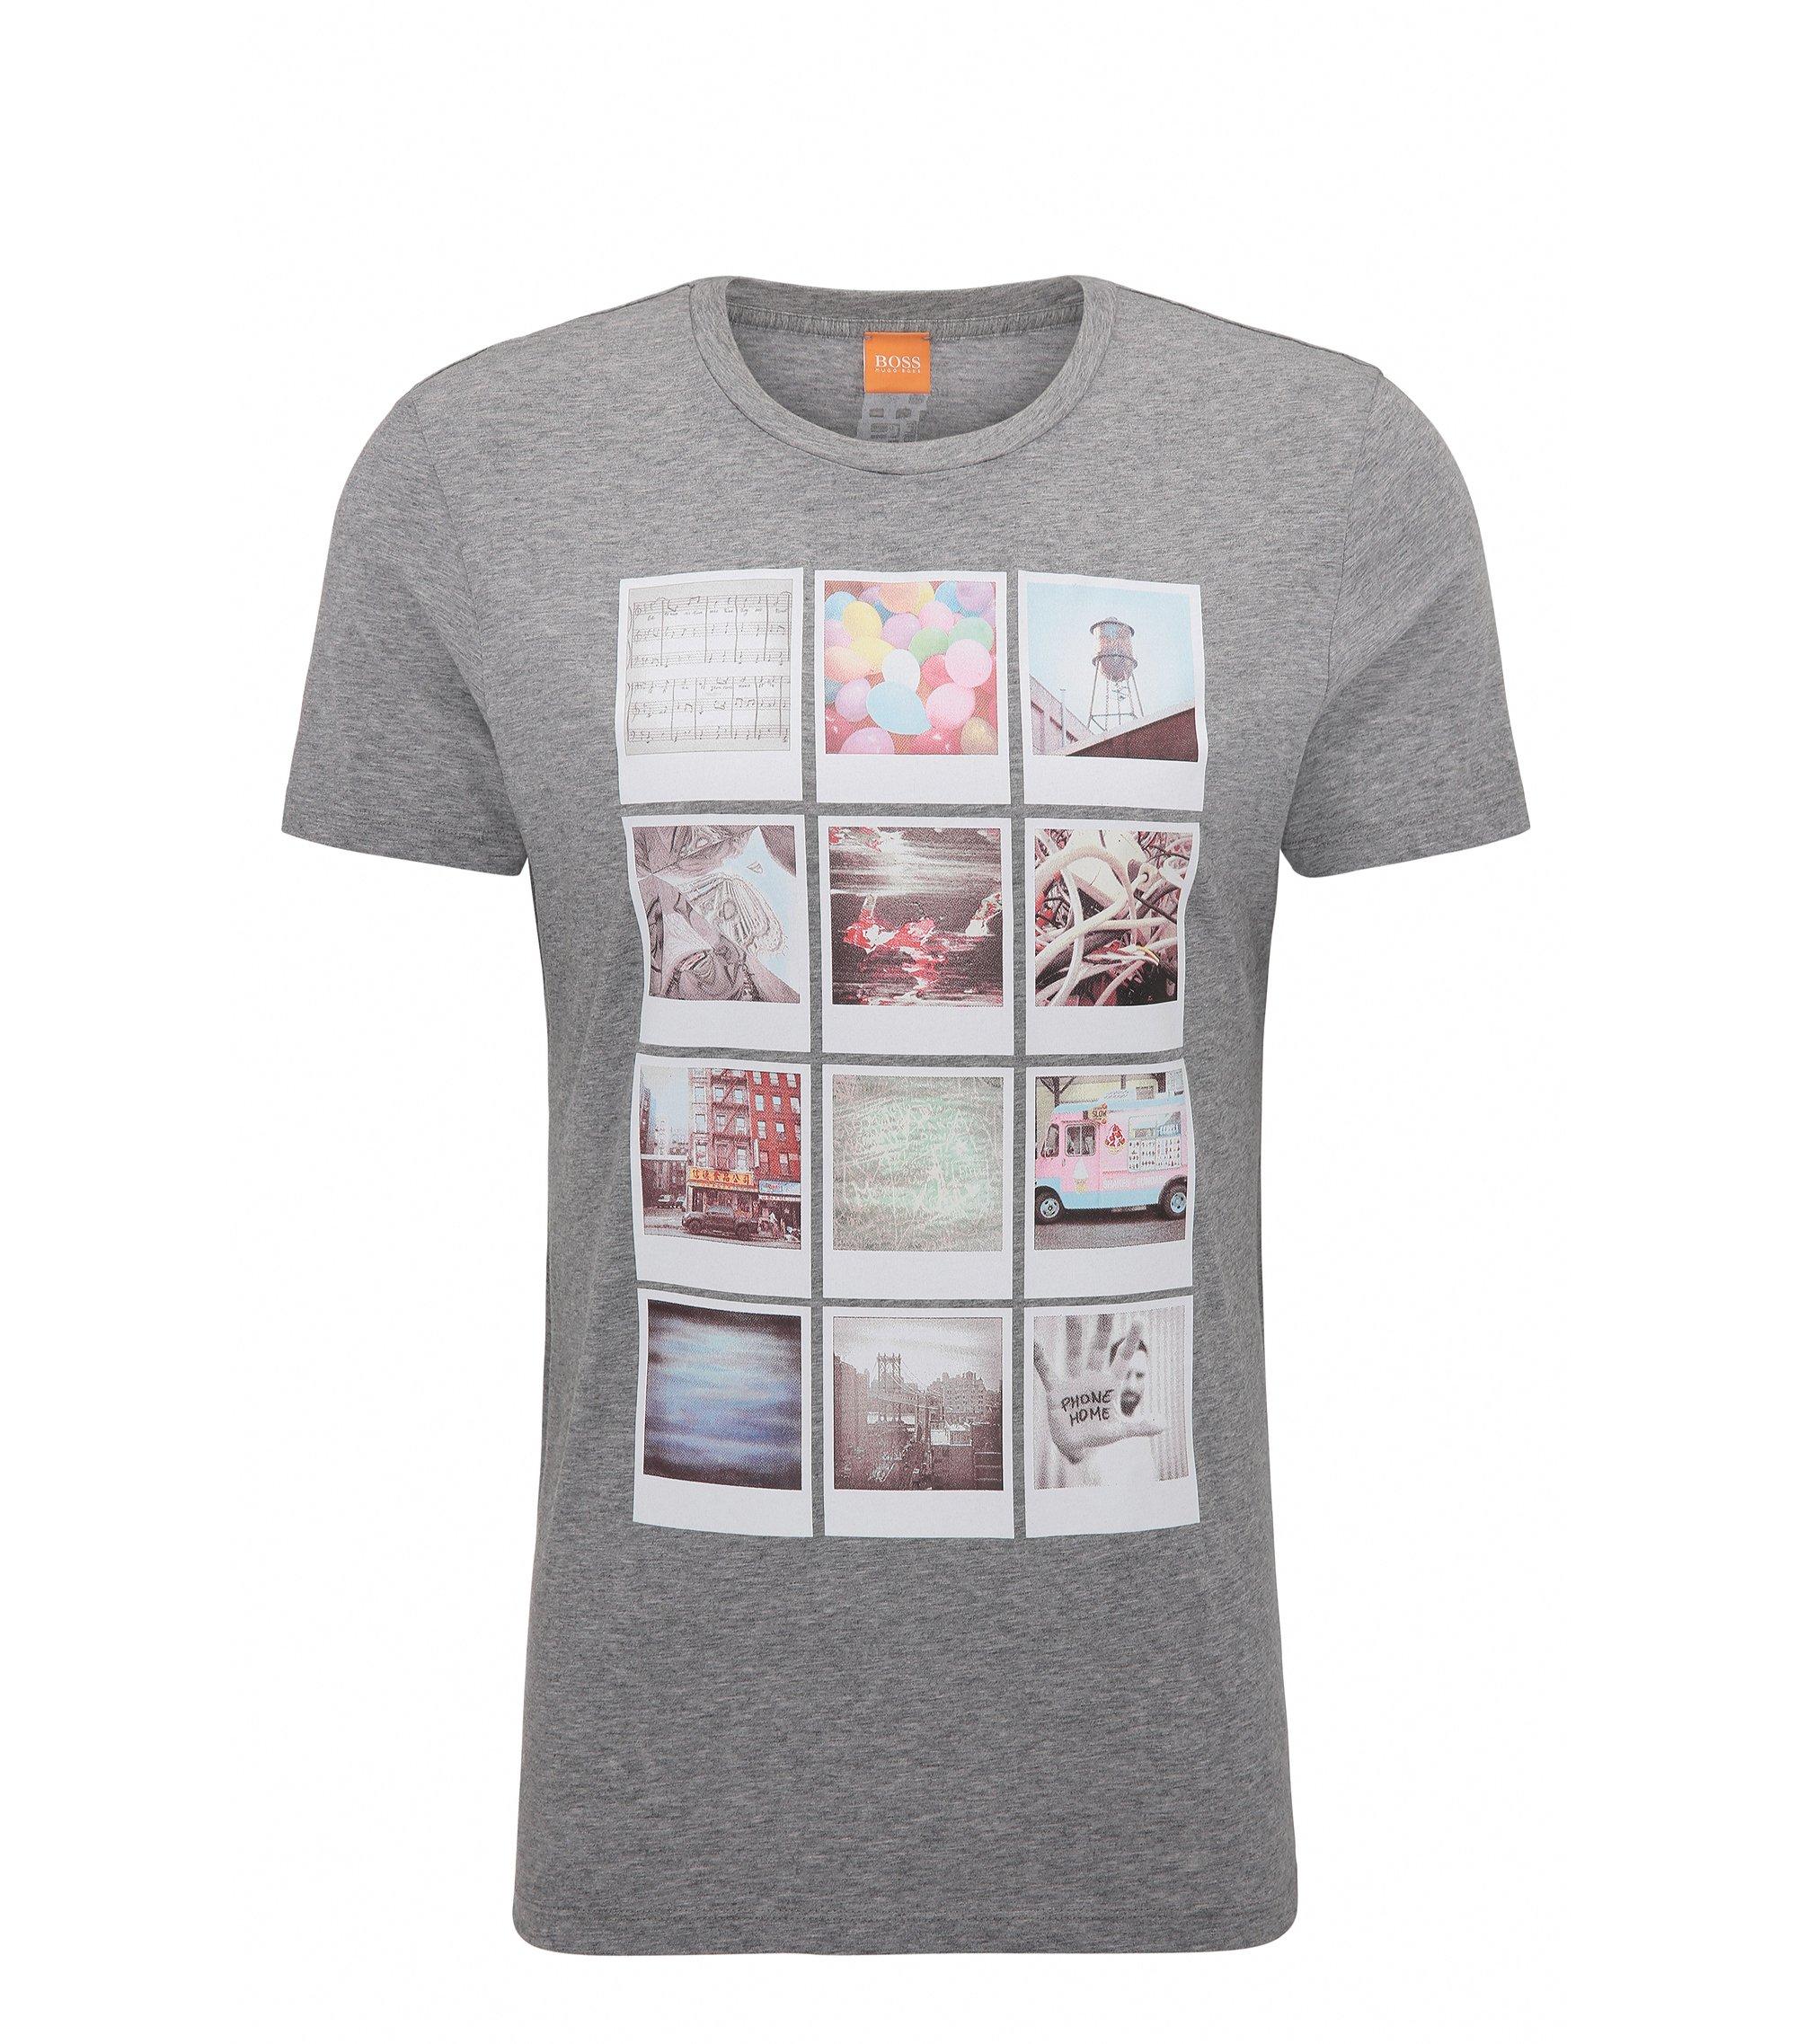 Camiseta regular fit de algodón con estampado Polaroid, Gris claro